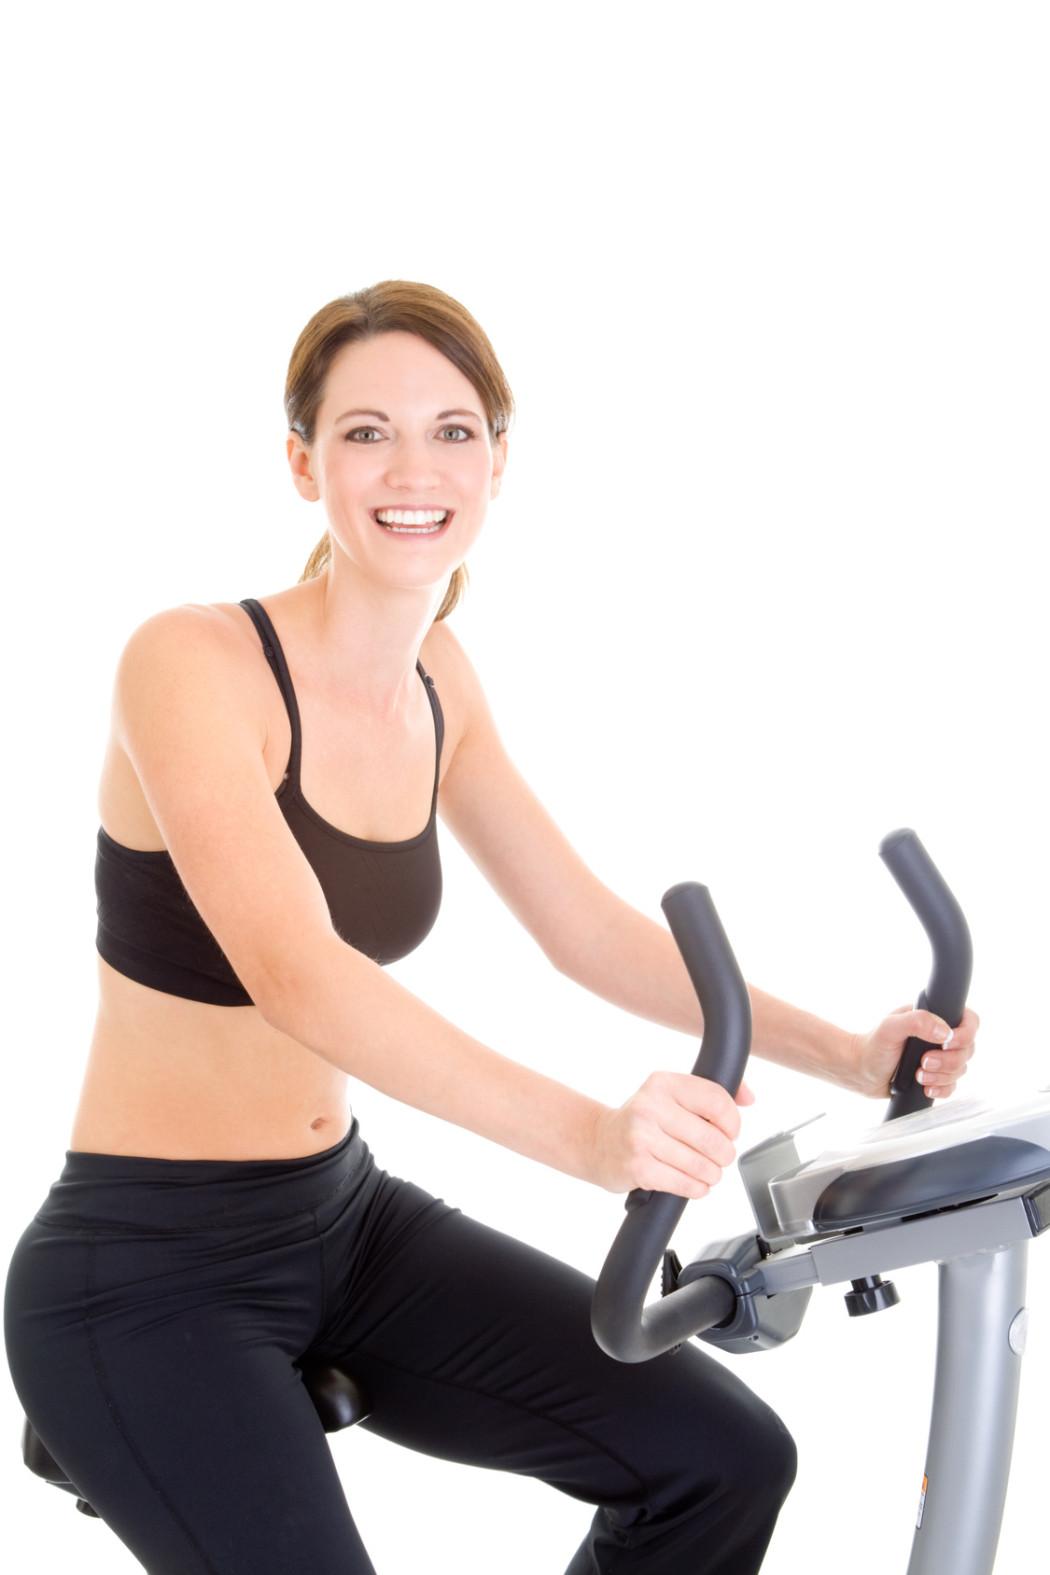 https://www.indoorcycling.org/magazin/wp-content/uploads/2012/09/Die-Wahl-des-richtigen-Trikots-für-ein-effektives-Indoorcycle-Training1-1050x1575.jpg